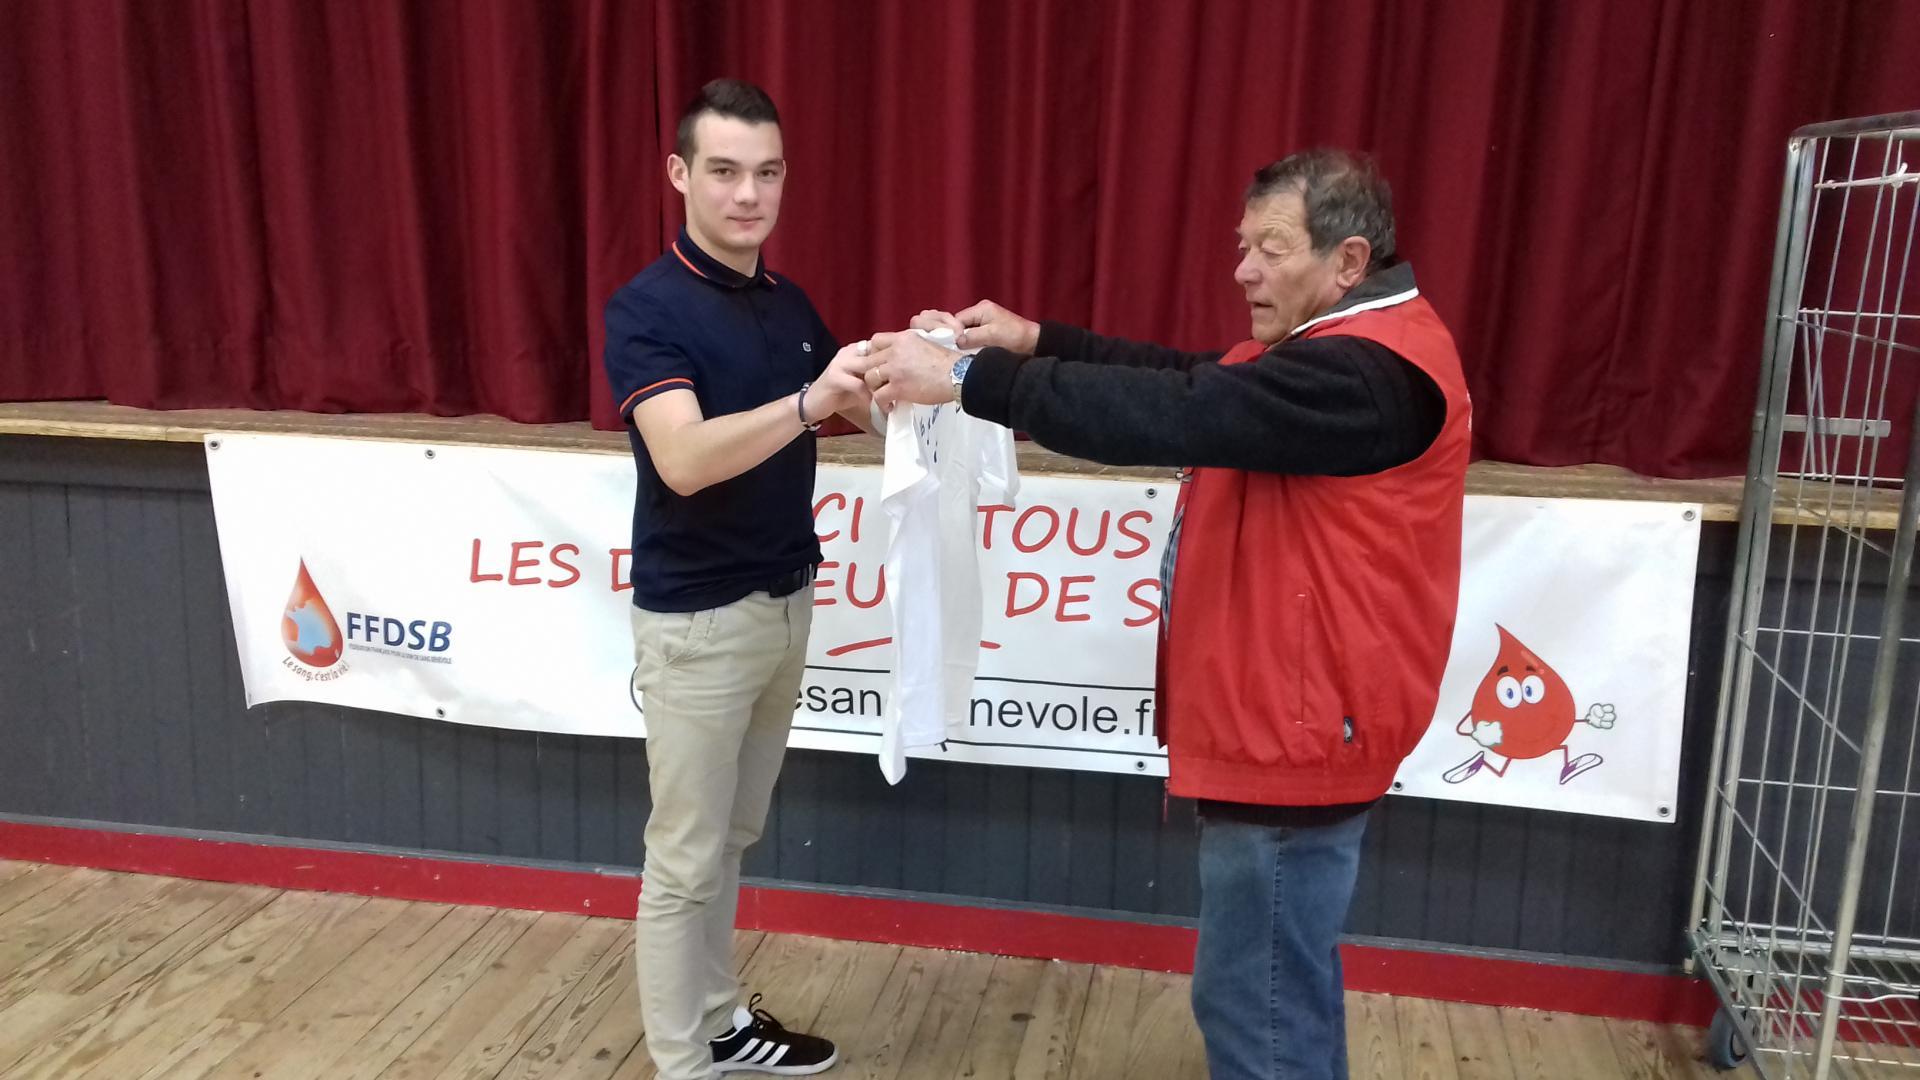 Jean Claude félicite Damien pour son 2eme don.